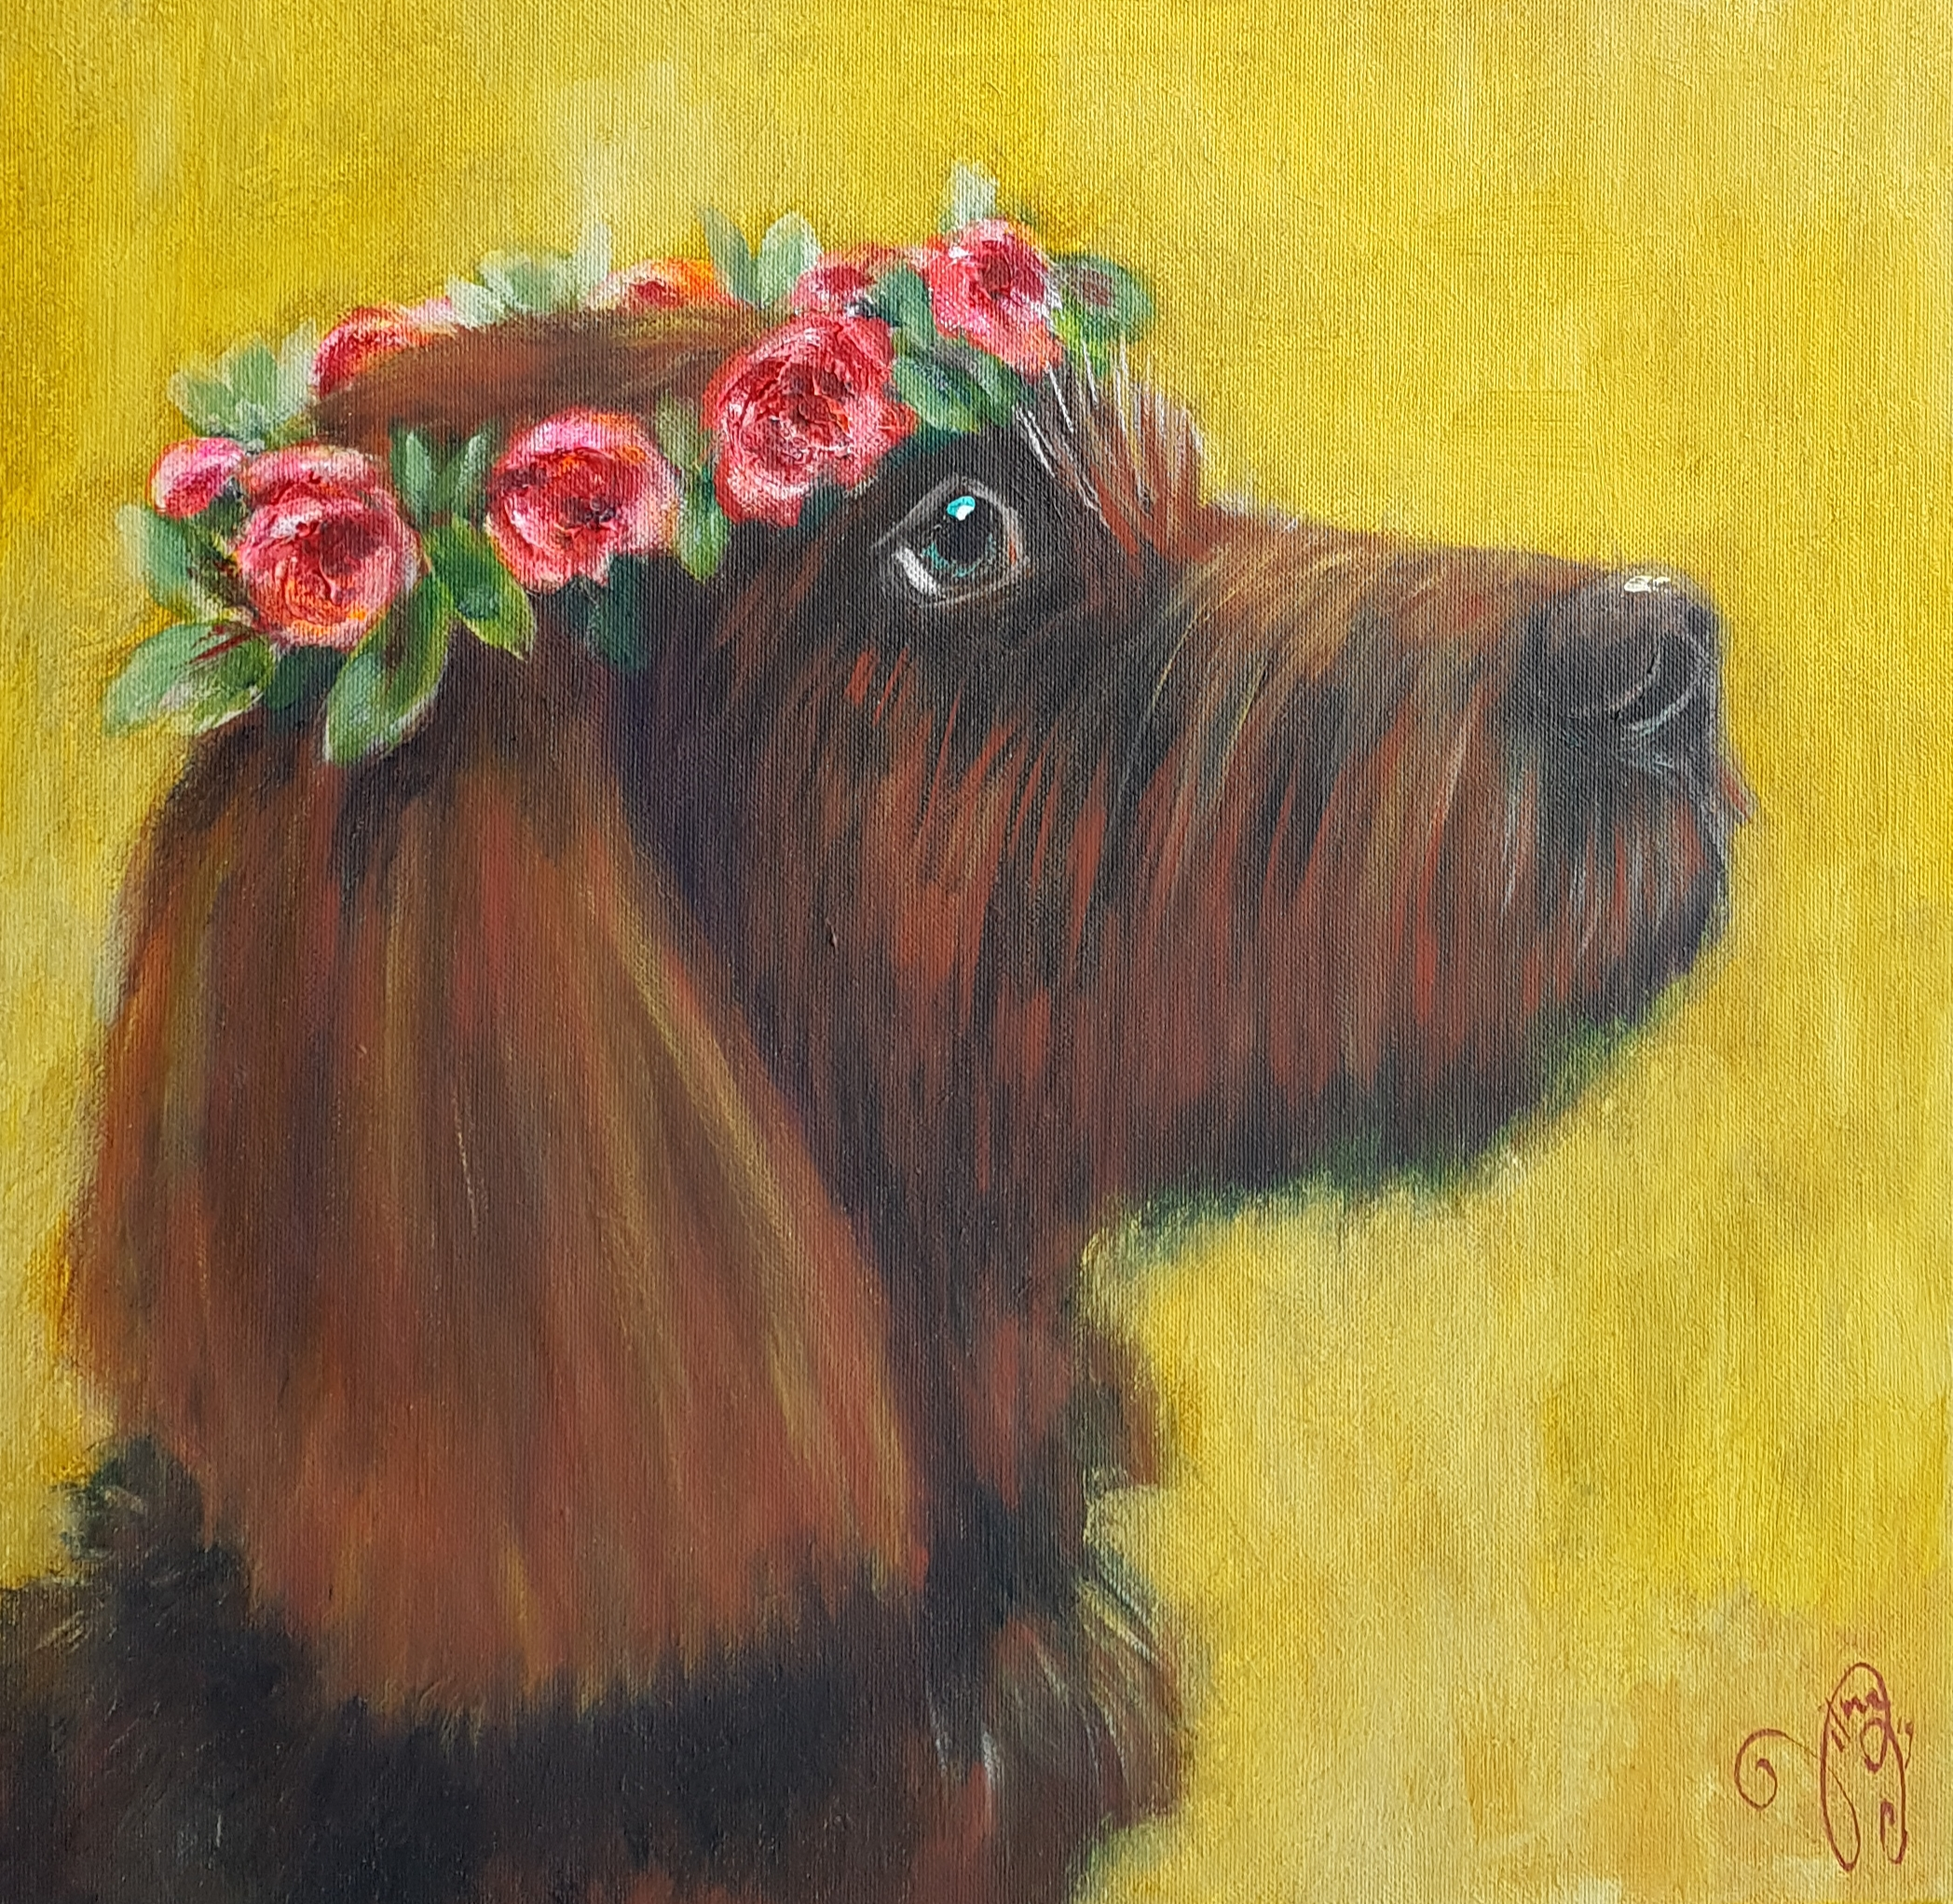 Hond met rozenkrans